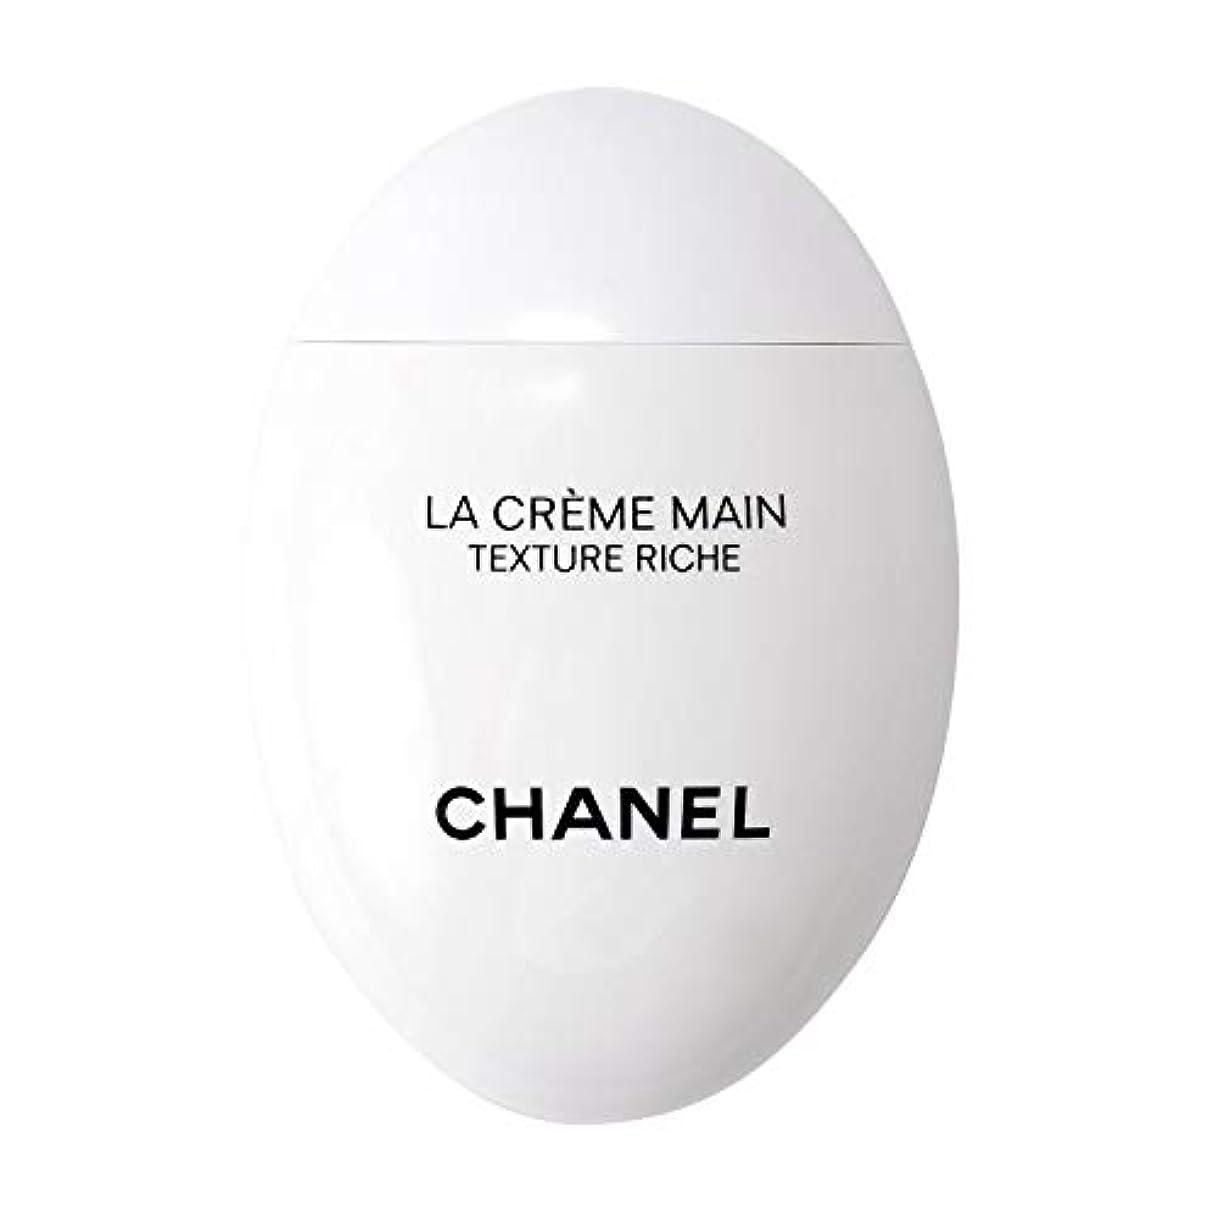 自発的快適憧れ[ギフトラッピング] シャネル CHANEL ハンドクリーム 50ml ラ クレーム マン ショップバッグ付き (50ml)